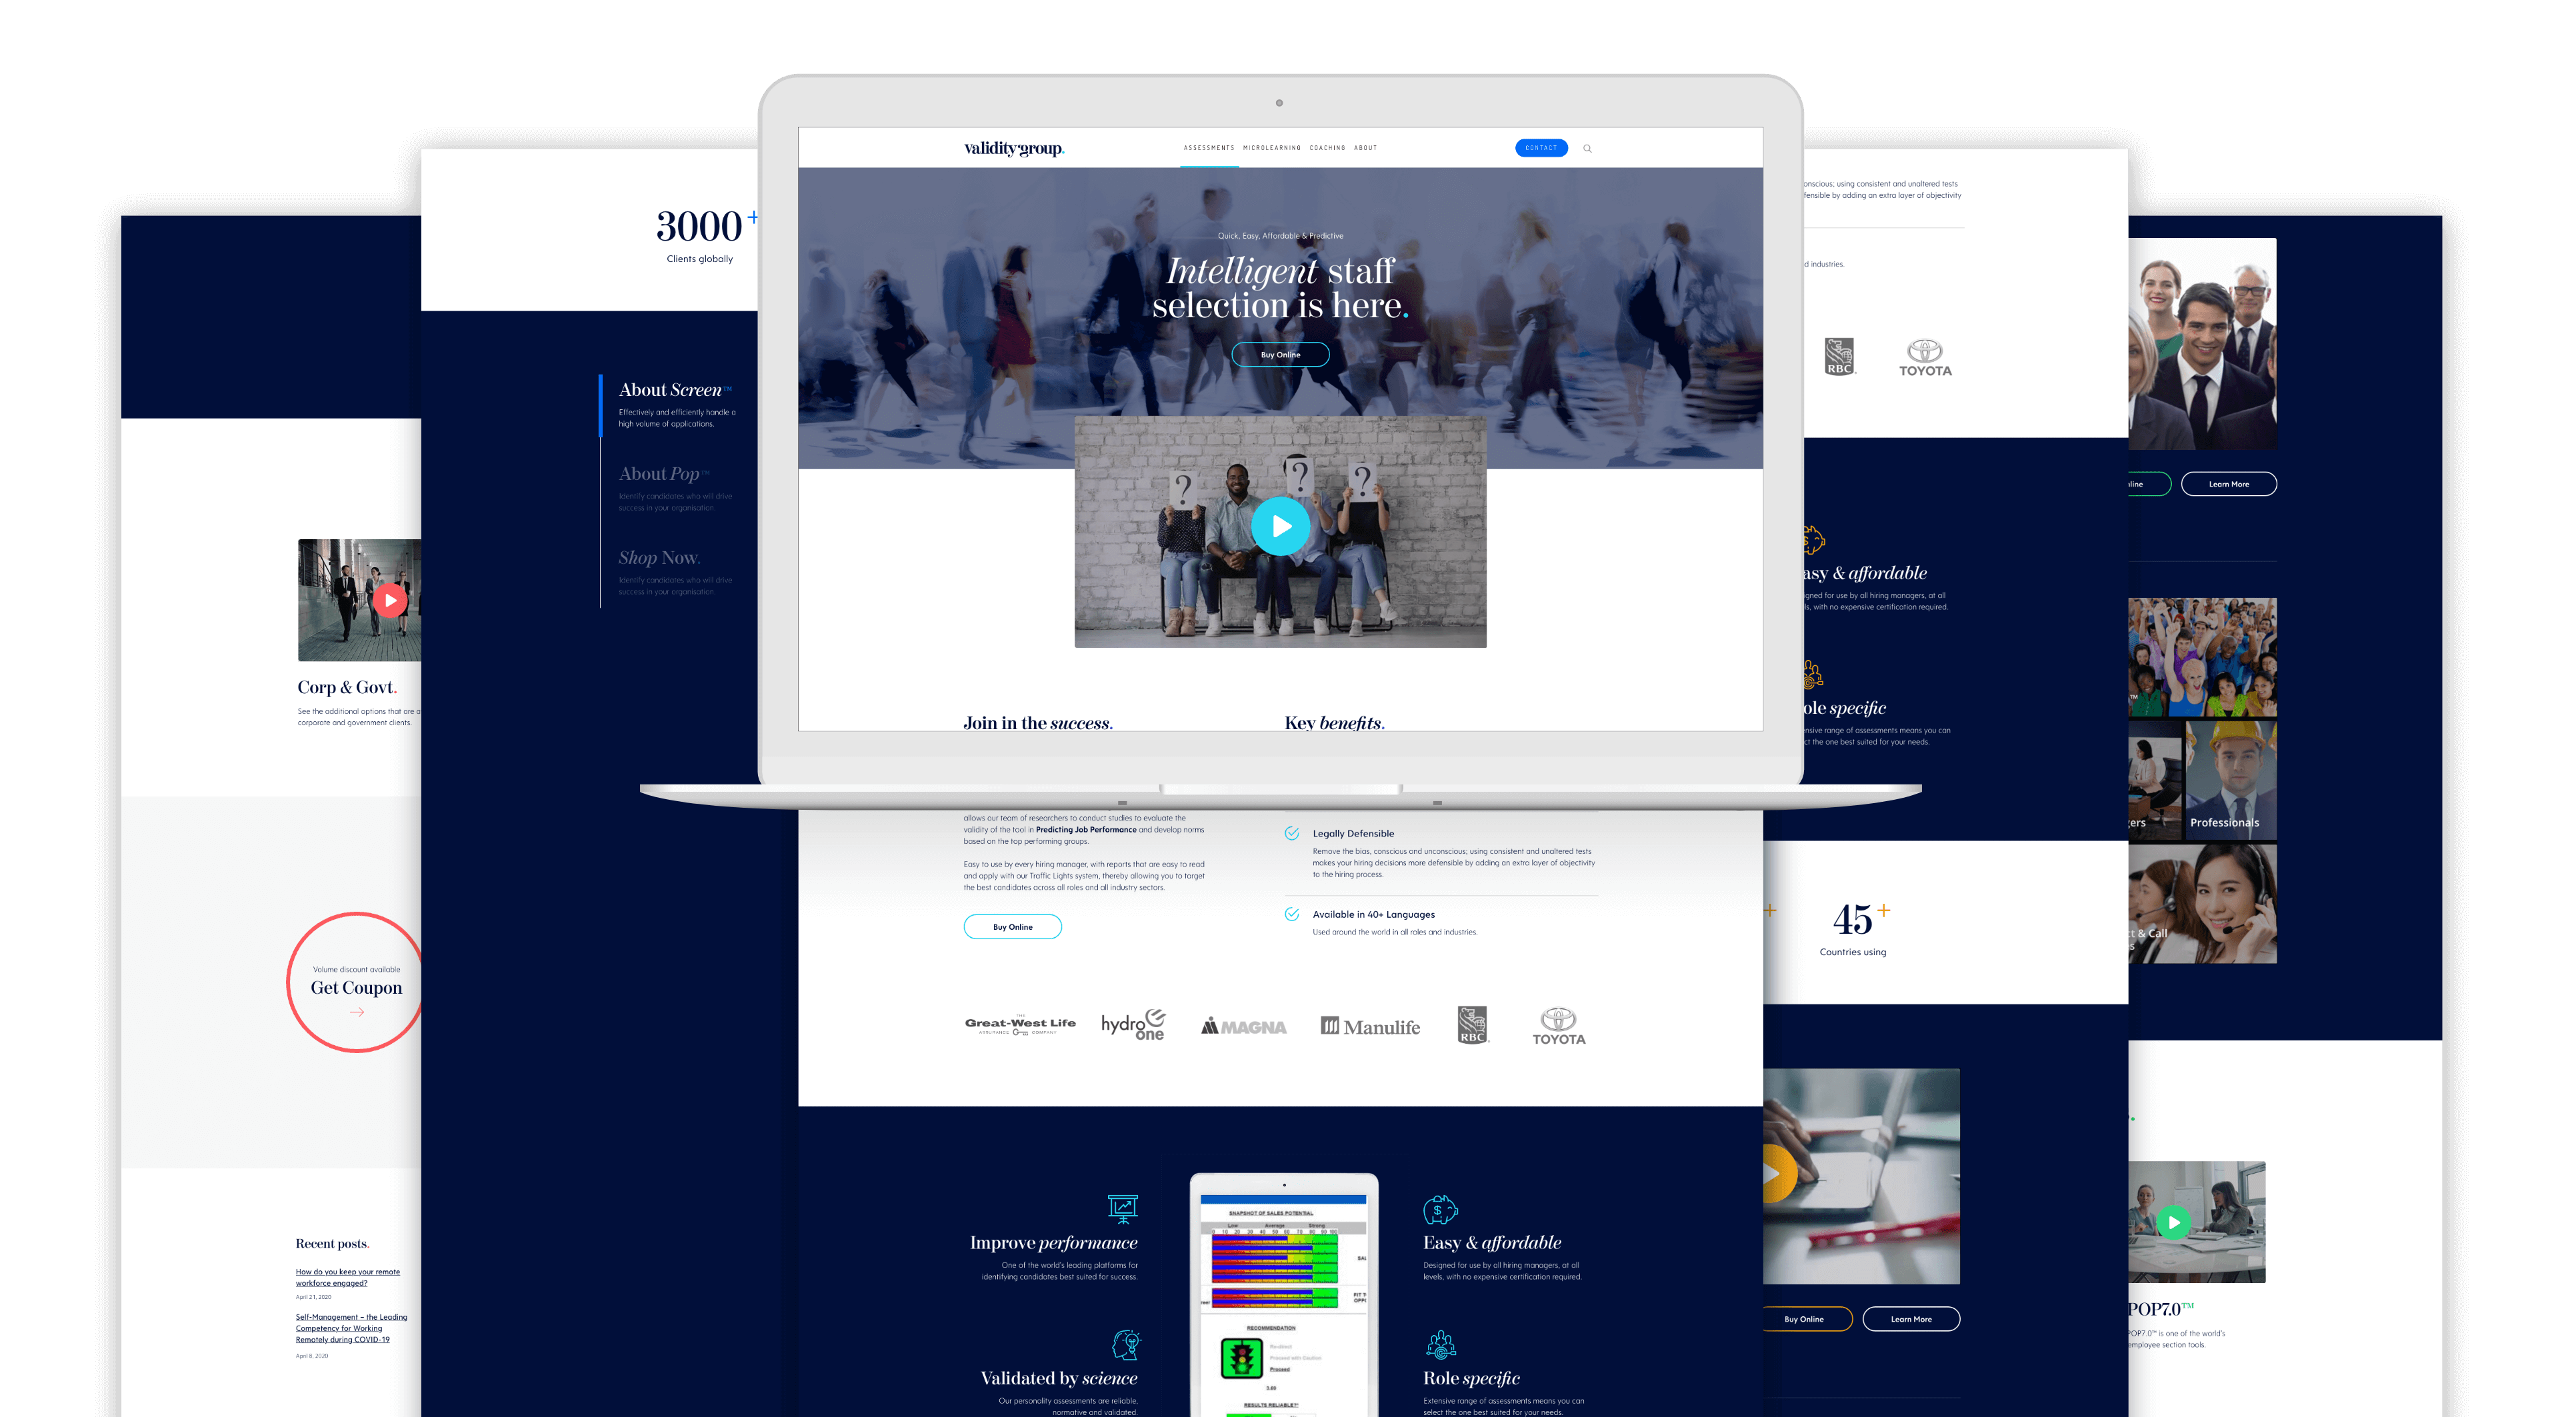 VG Website Design